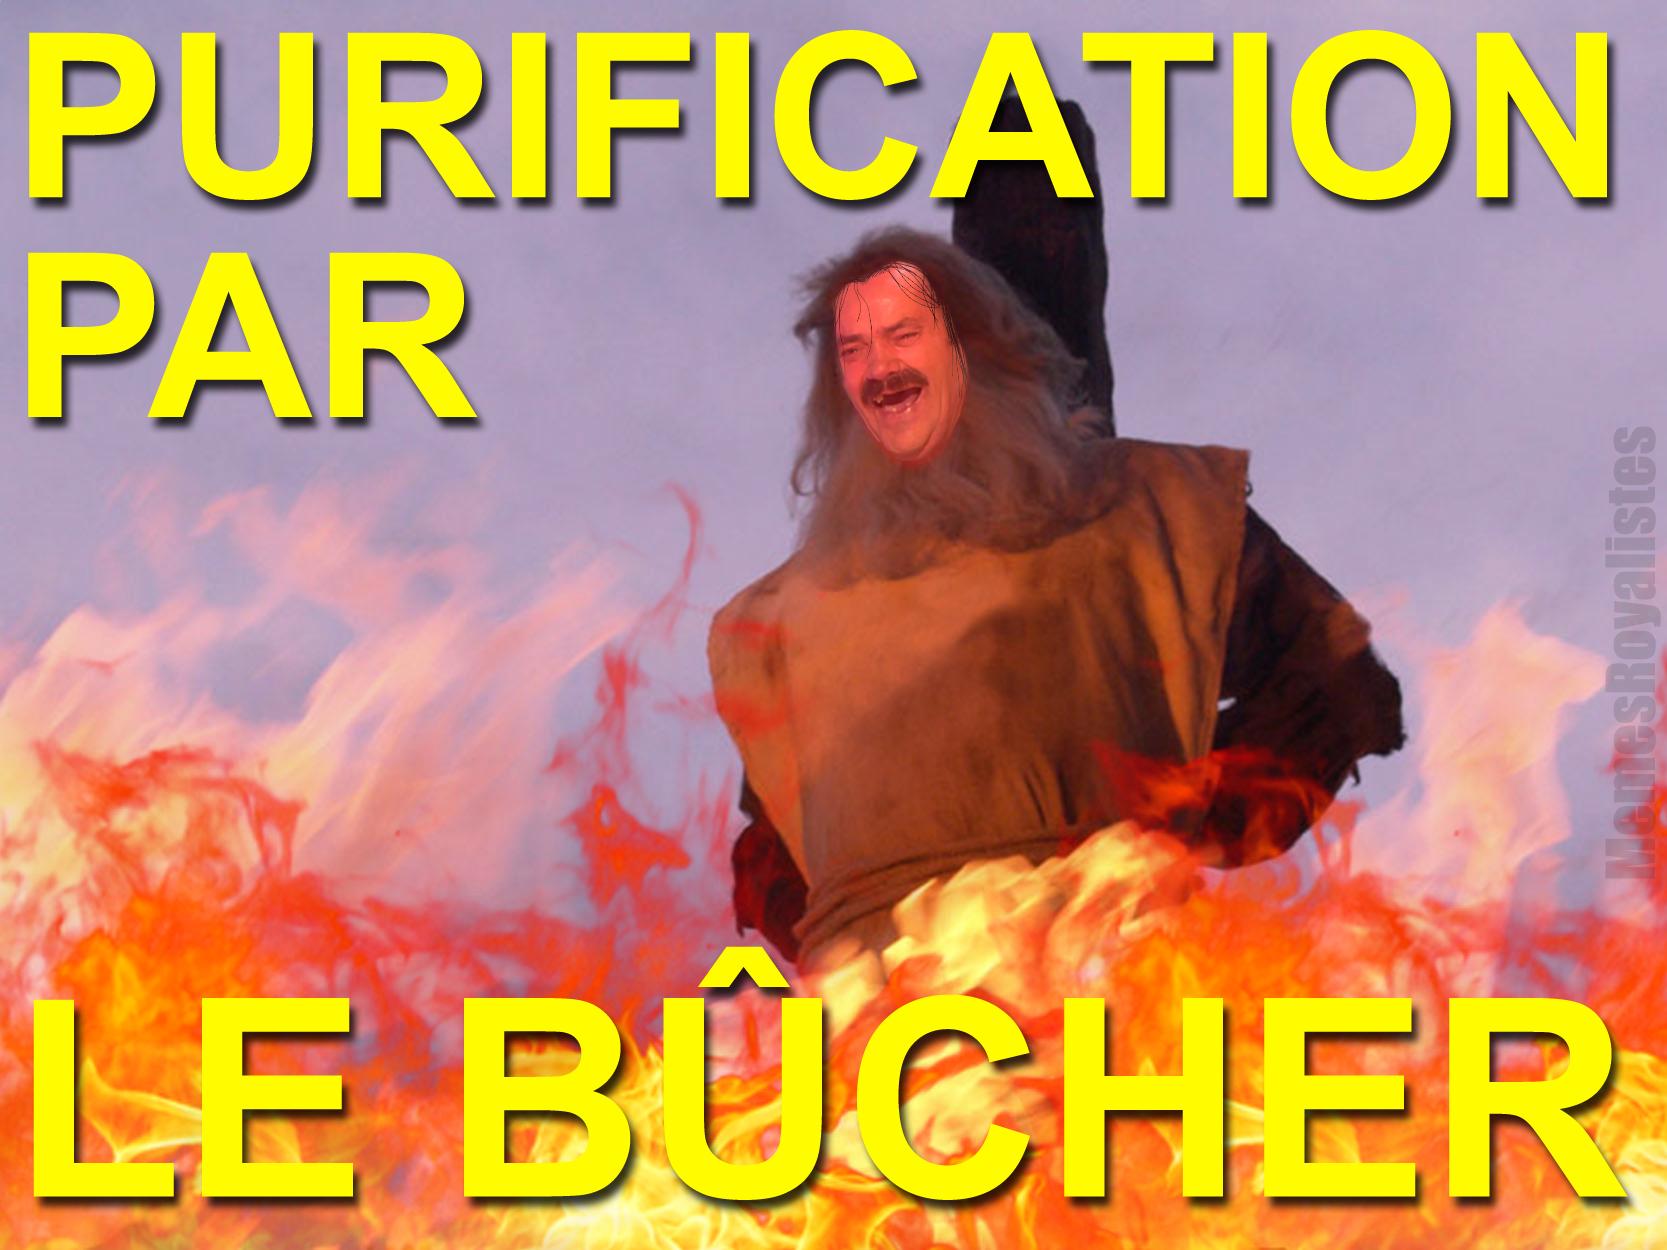 https://image.noelshack.com/fichiers/2018/06/7/1518384874-purificaiton-par-le-bucher.png